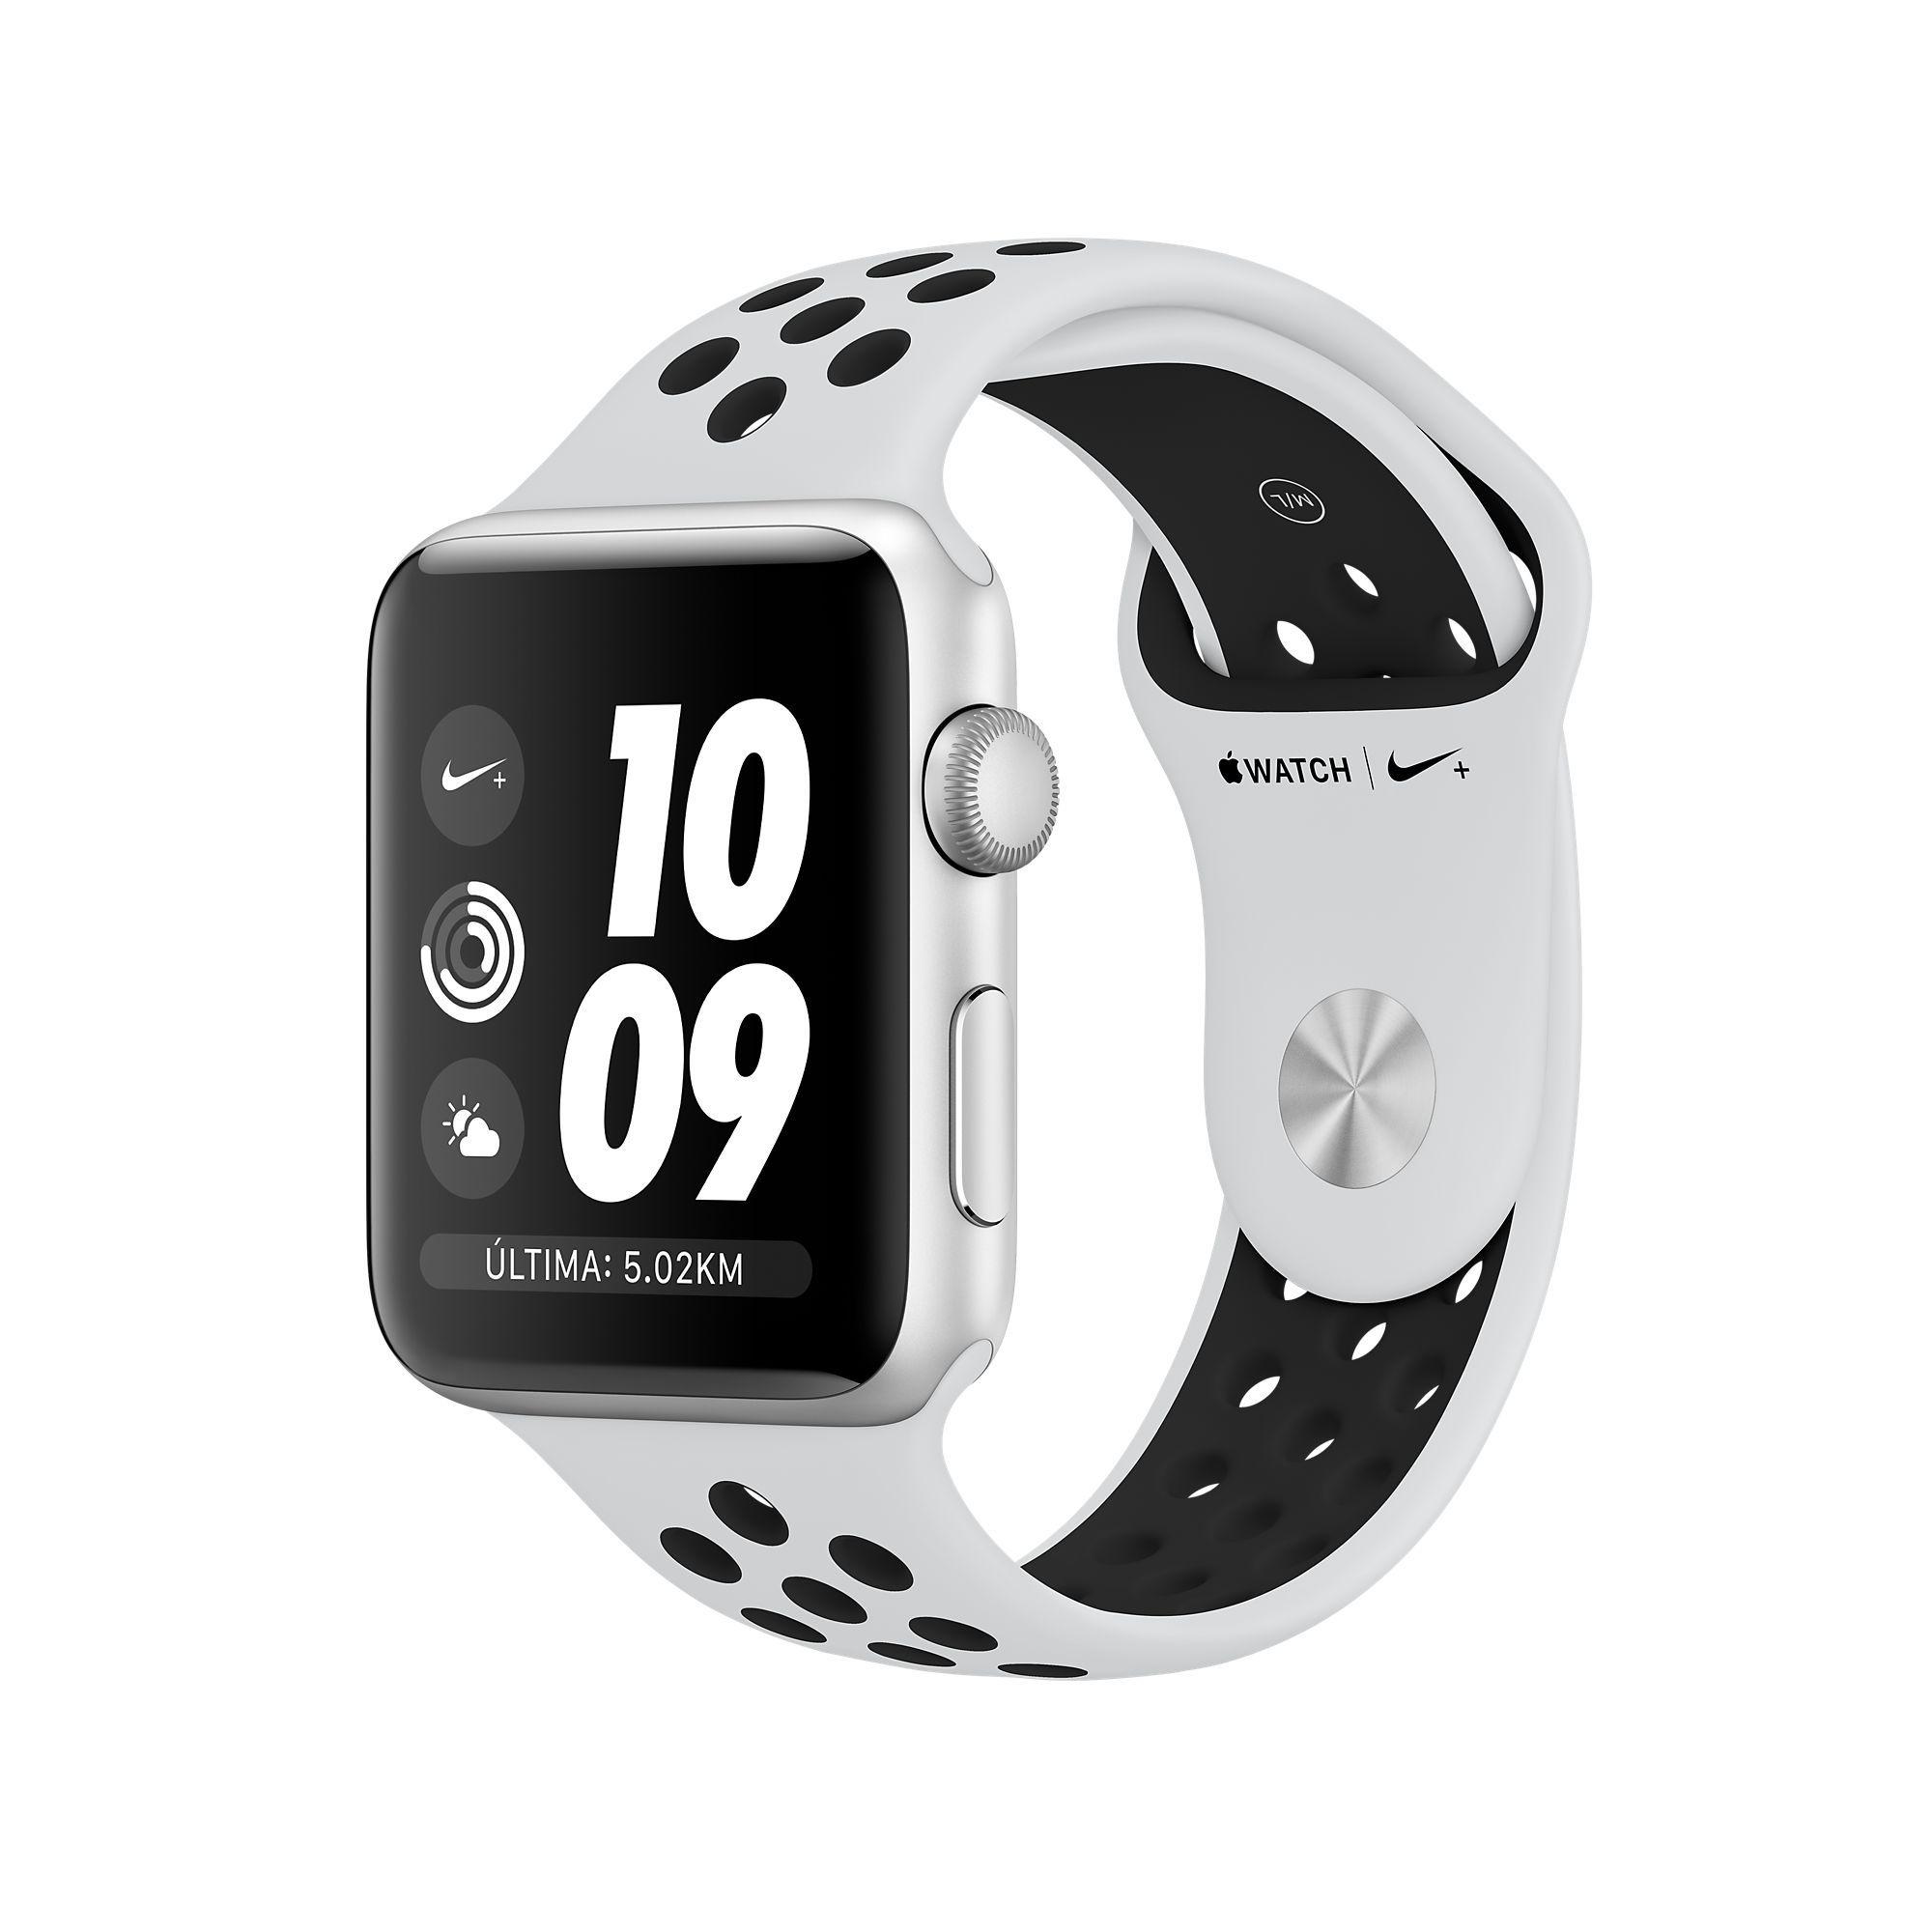 Compra El Apple Watch Nike Con Caja De Aluminio Color Plata De 38 Mm O 42 Mm Y Correa Deportiva Nike Gris C Apple Watch Series 3 Apple Smartwatch Apple Watch